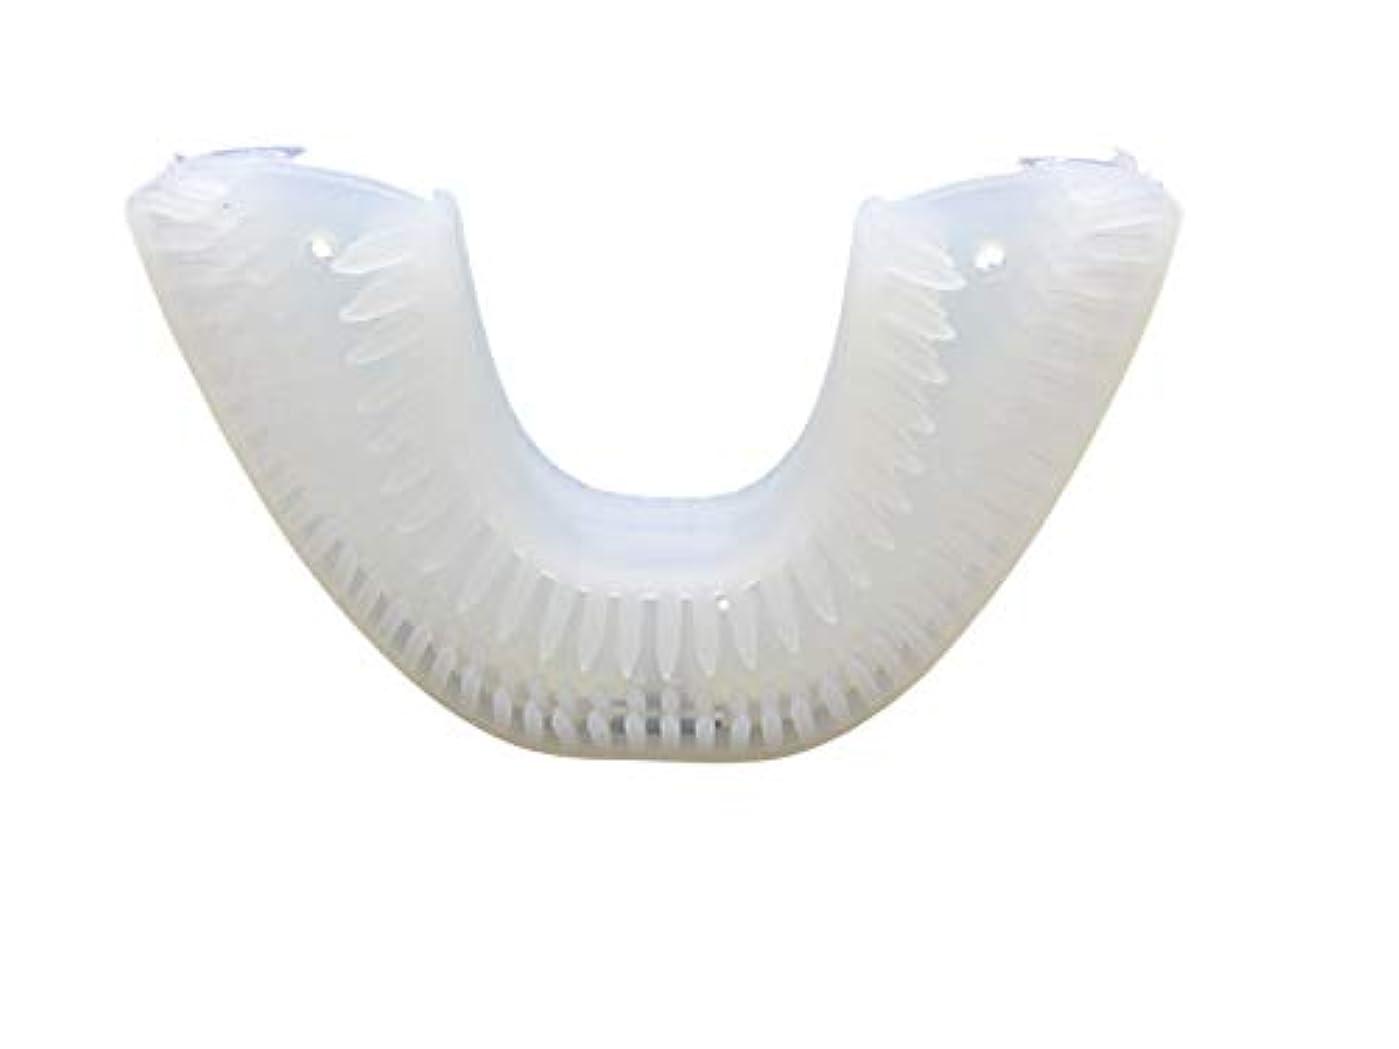 優遇うまくやる()ビザBroadwatch 電動歯ブラシ U型 マウスピース 換え 歯ブラシ ホワイトニング